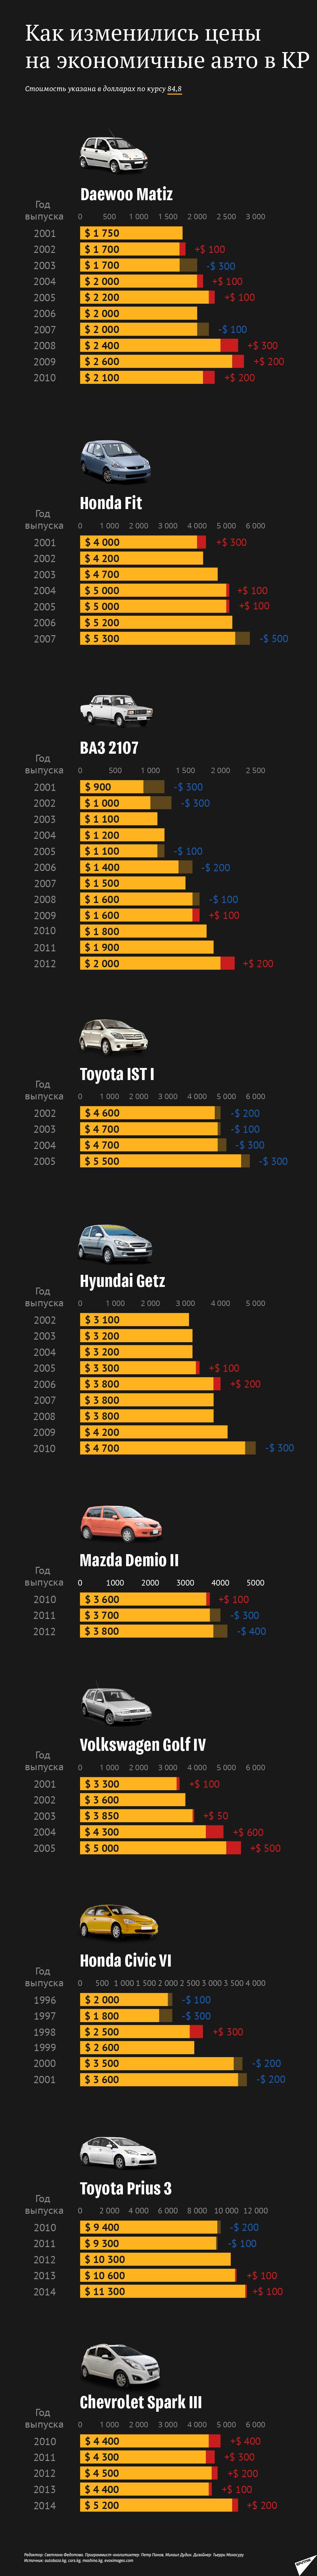 Как изменились цены на экономичные авто в КР